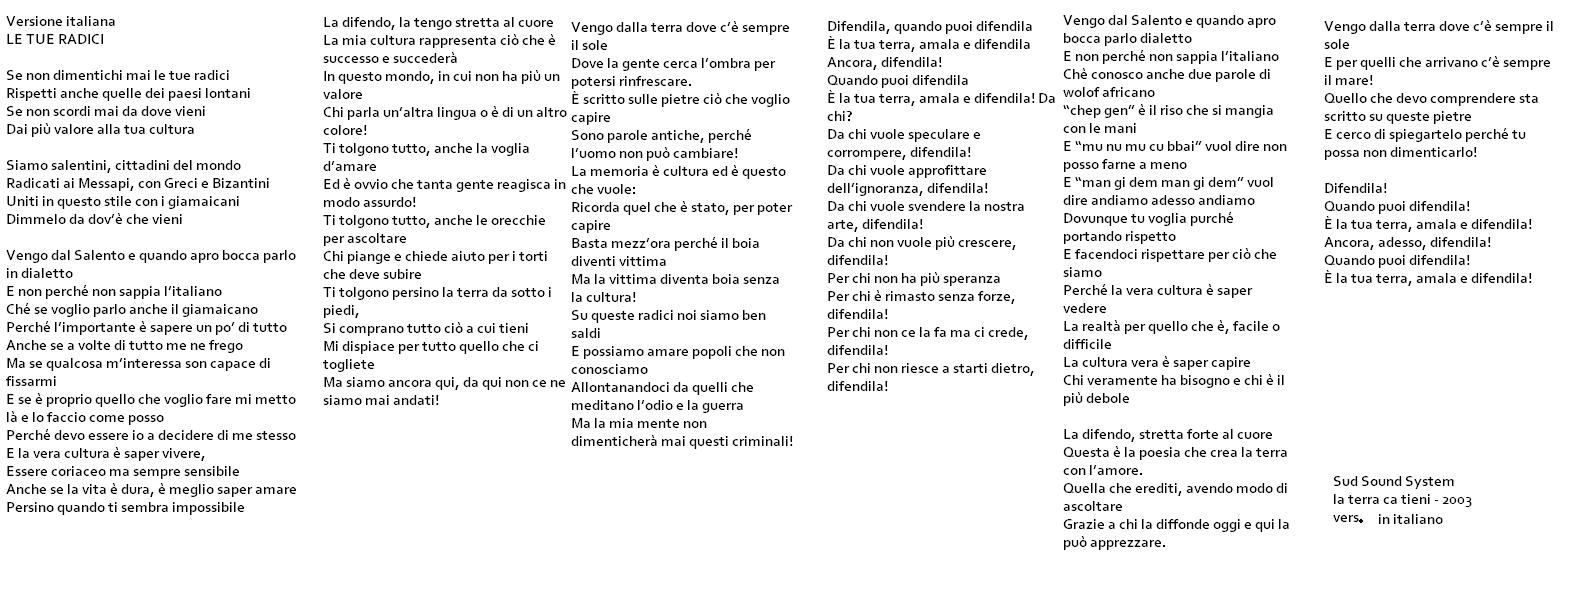 italie2-leradicicatieni2